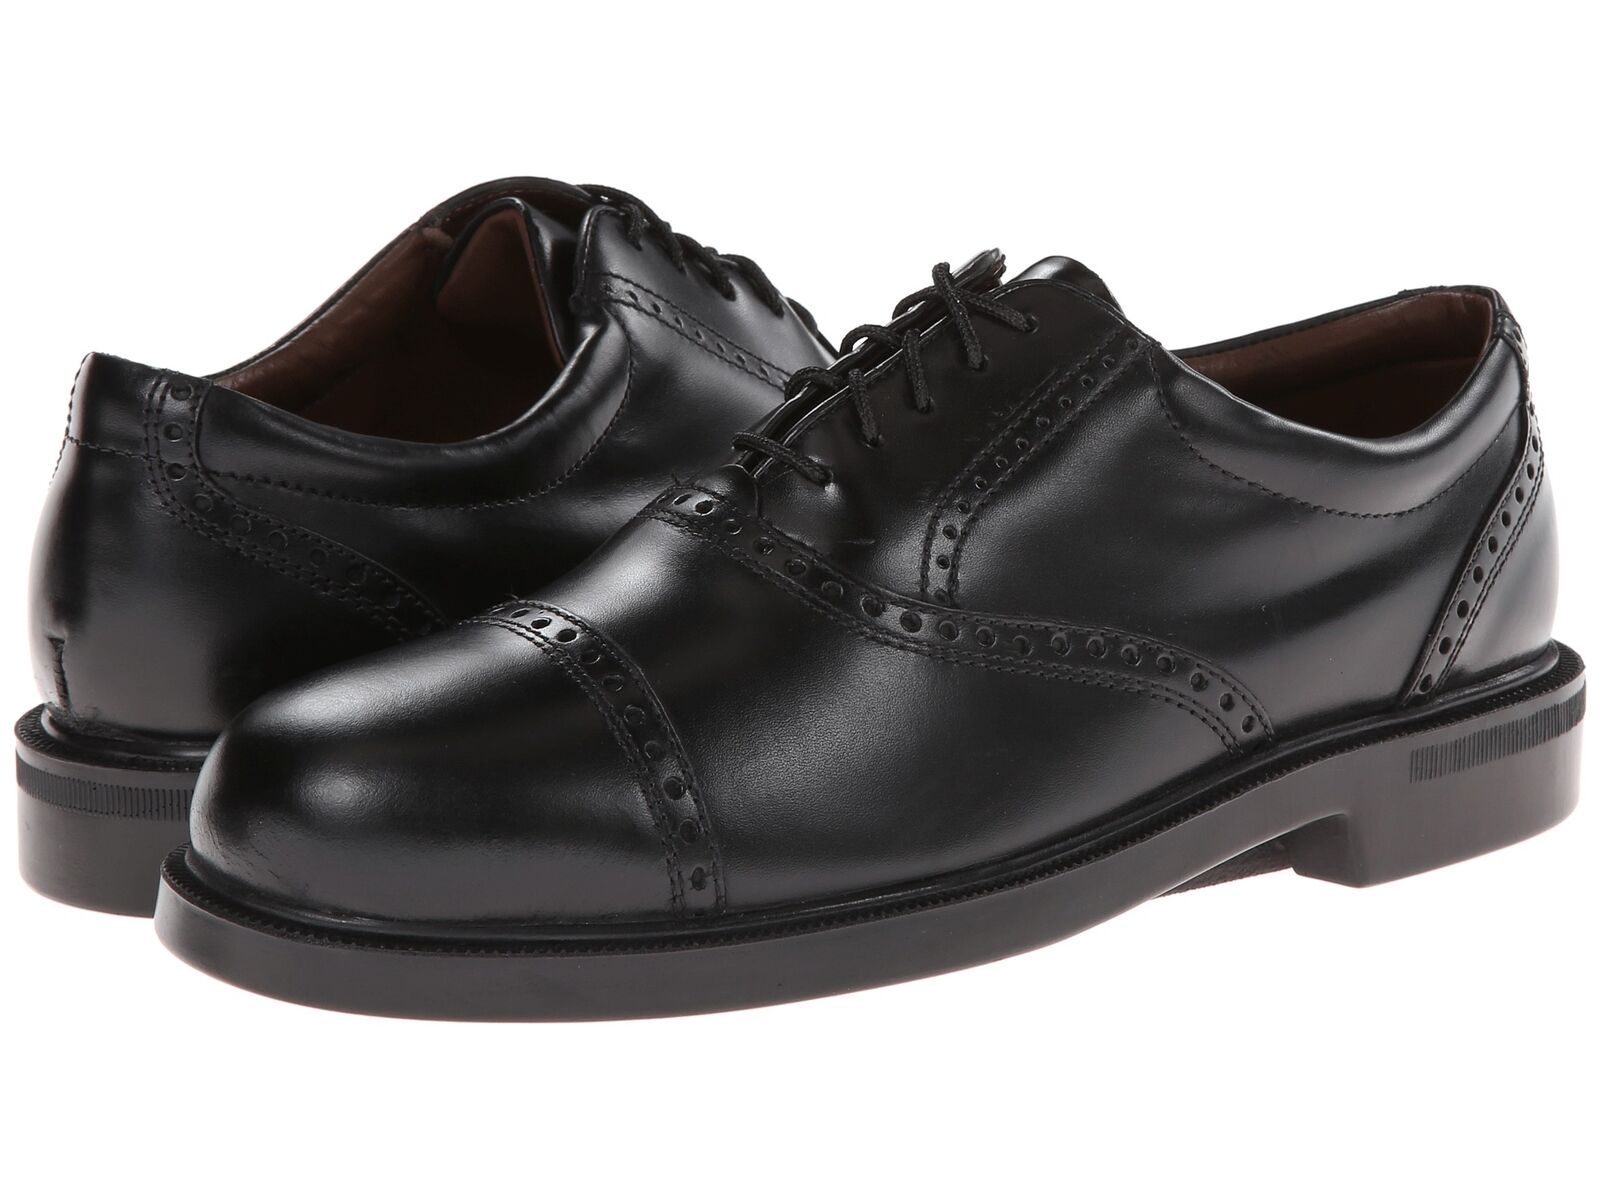 Florsheim Men's Noval Black leather cap toe shoes 17069-01